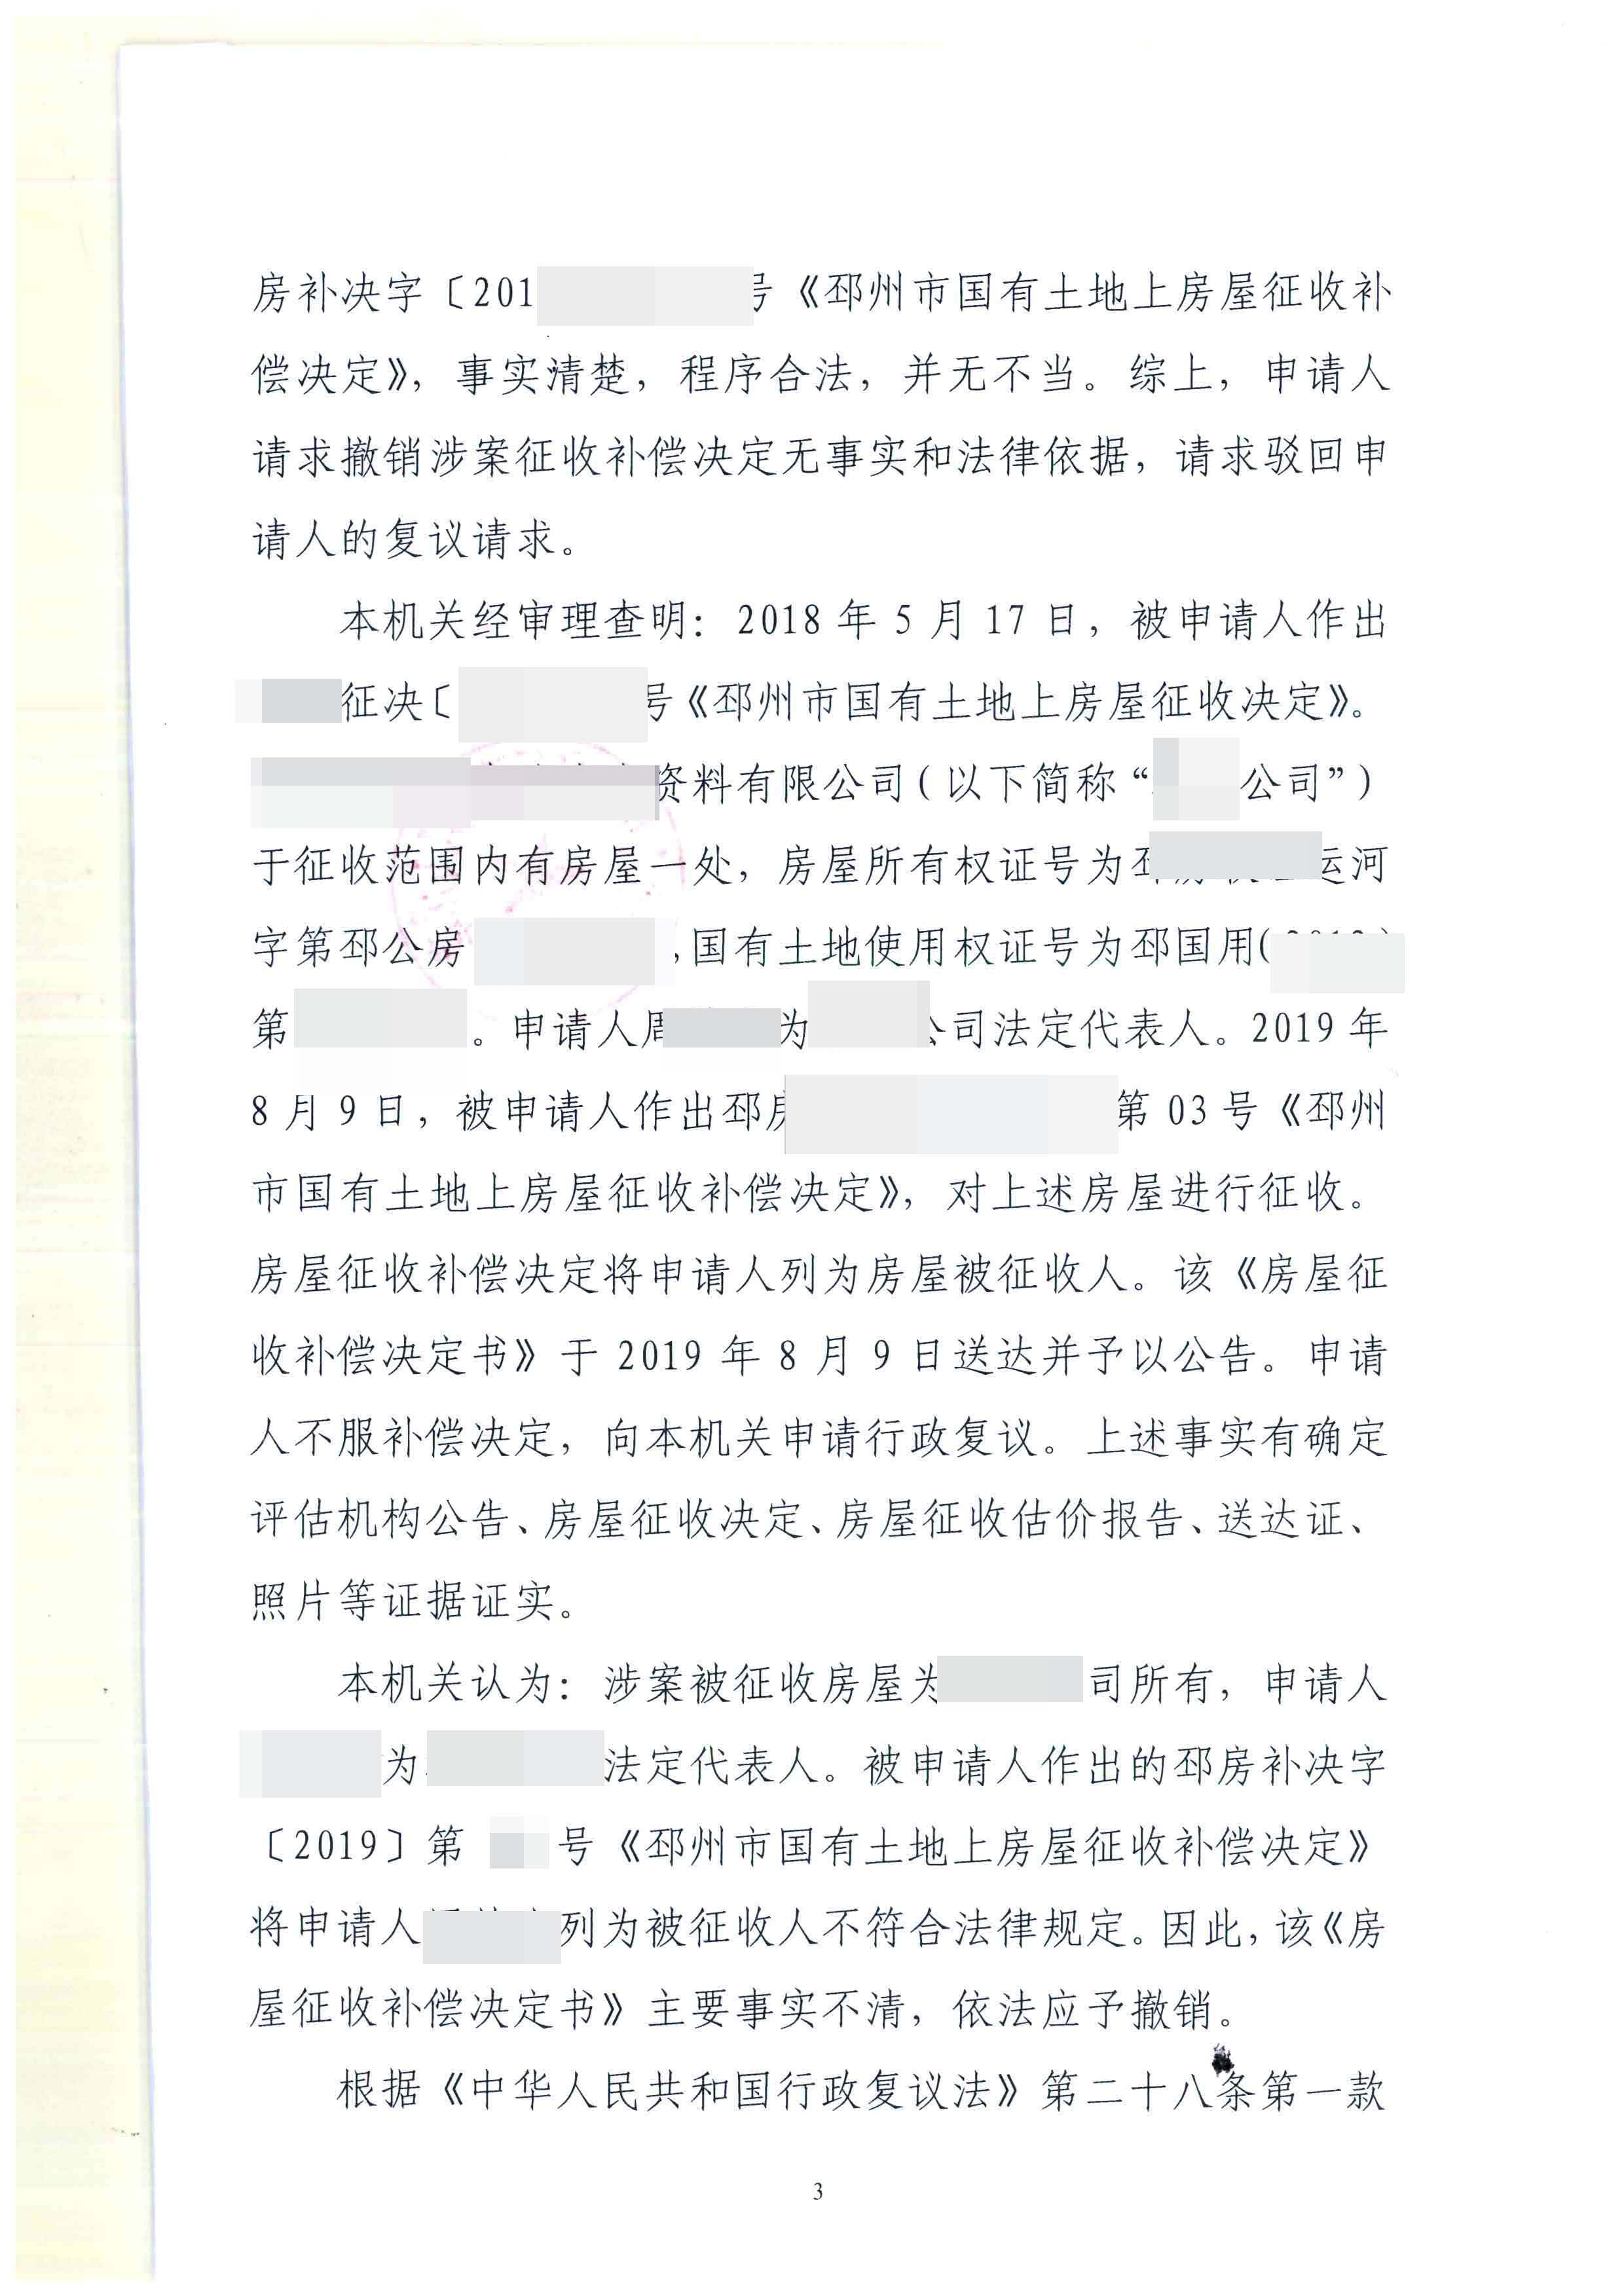 【拆迁律师】江苏企业征收案:将企业房产补偿给个人,复议机关撤销《房屋征收补偿决定》!